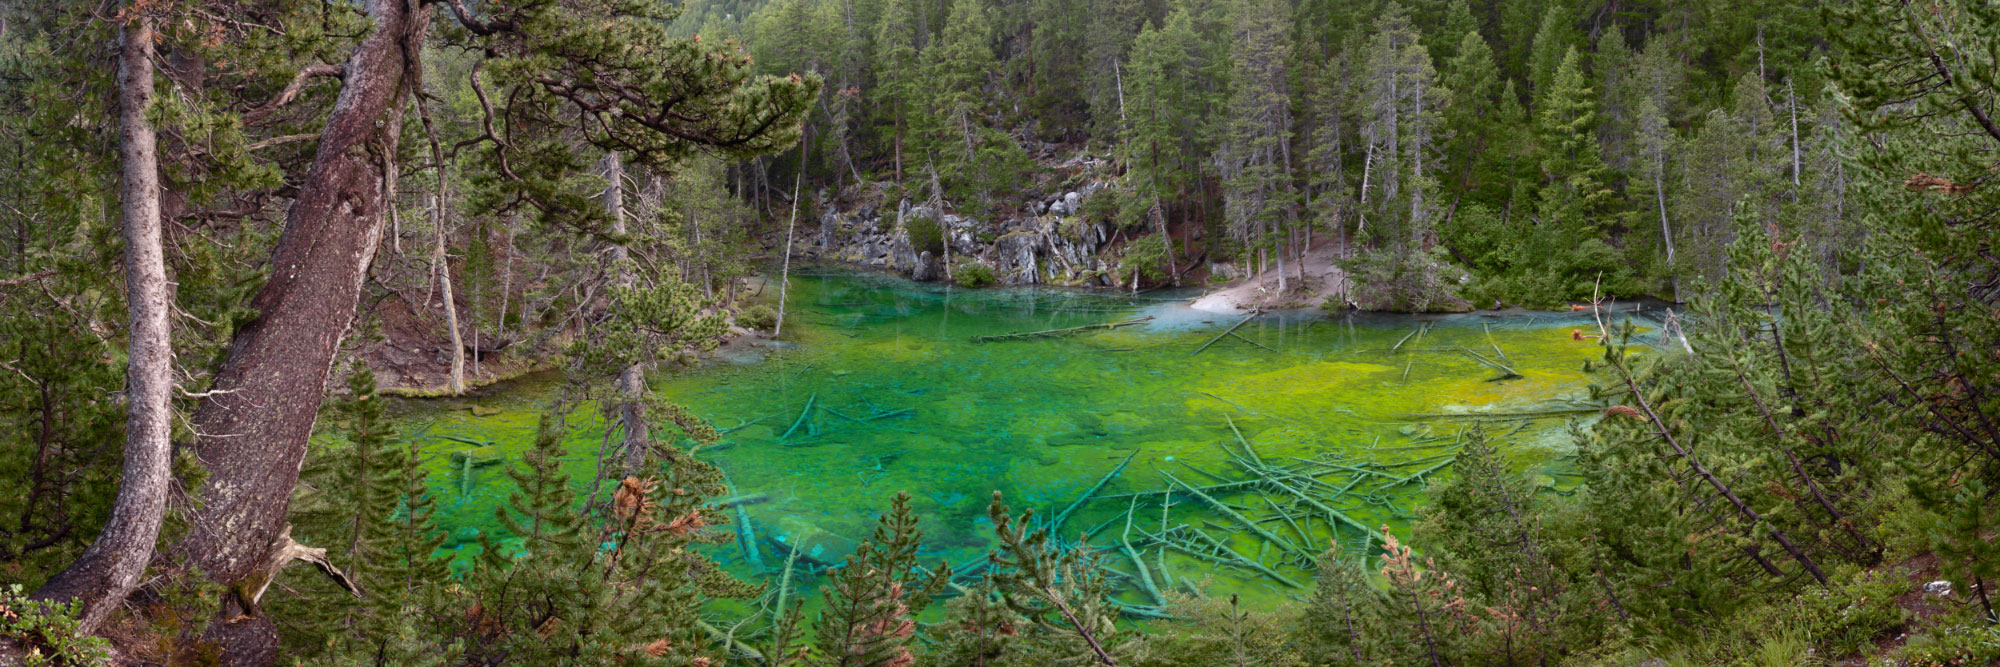 Lac Vert, Vallée Etroite, Massif des Cerces